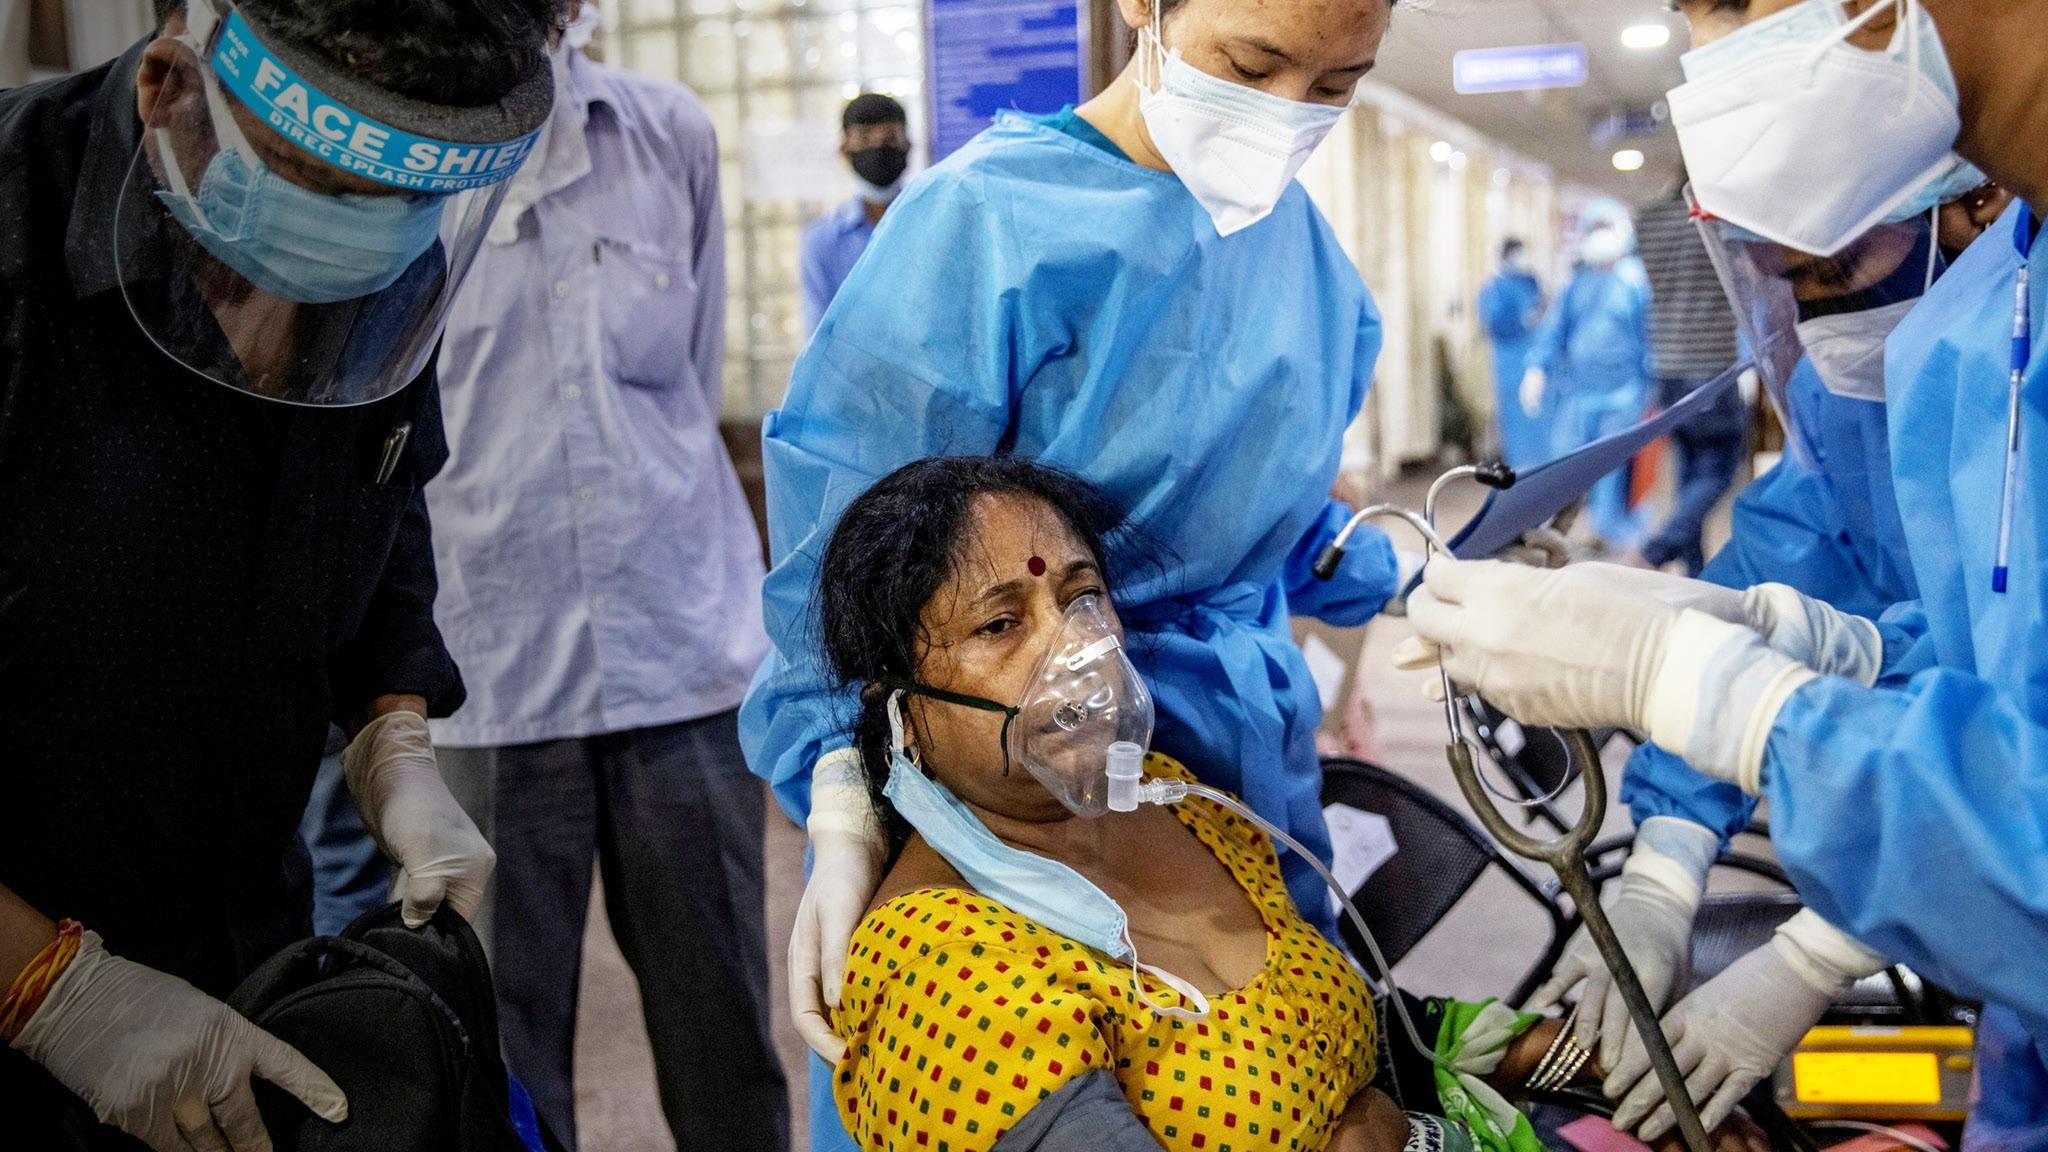 الهند ..أكثر من 45 ألف إصابة بالفطر الأسود في صفوف مرضى فيروس كورونا